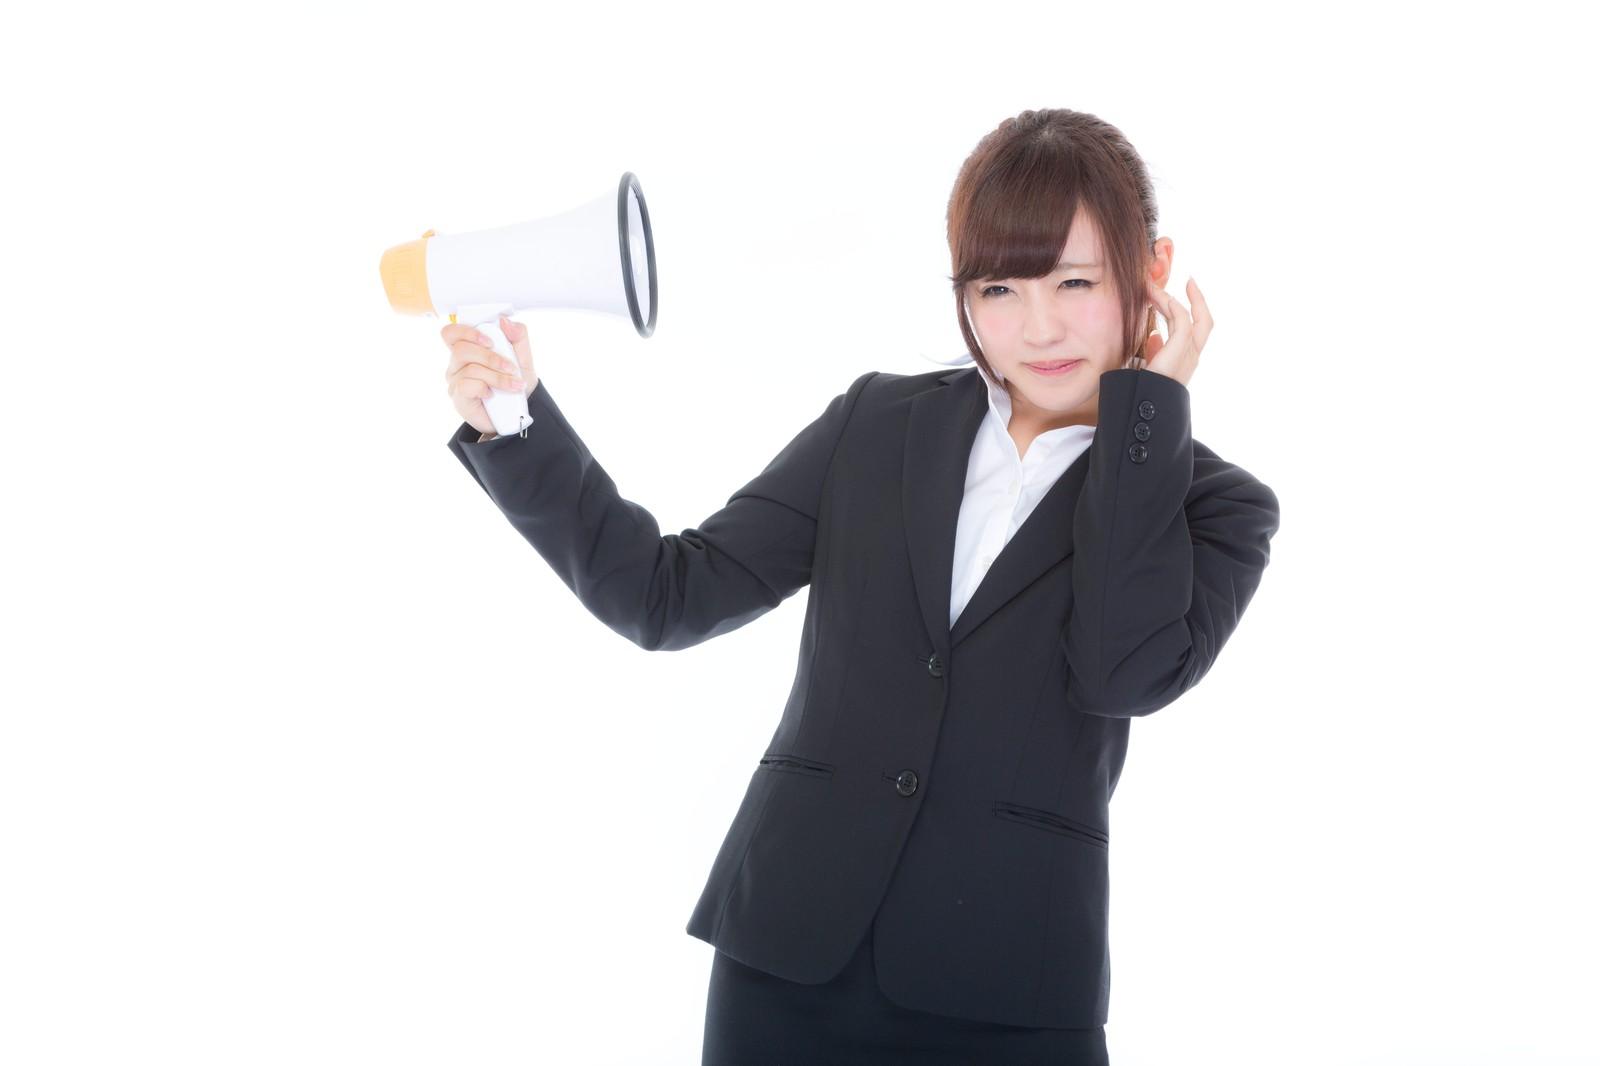 クレーマー扱いされないために!ご近所トラブル第一位の騒音問題を穏便に解決するポイント